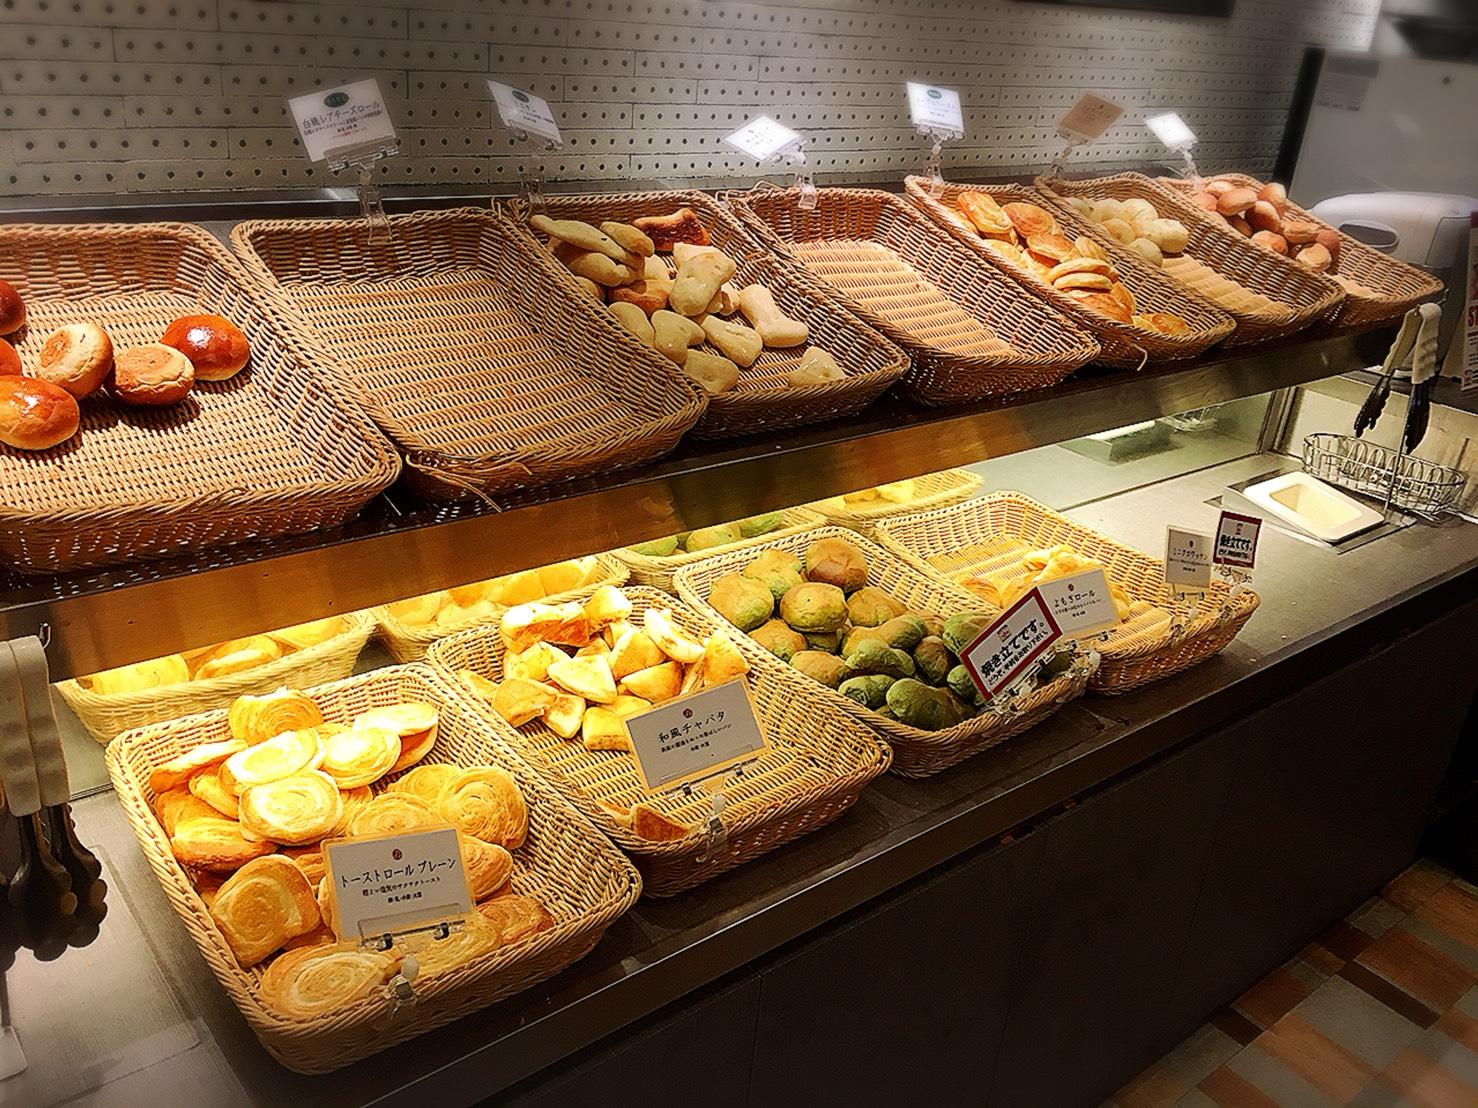 【池袋駅】自家製パン食べ放題とグリルで満腹「ビストロ309」のパンコーナー